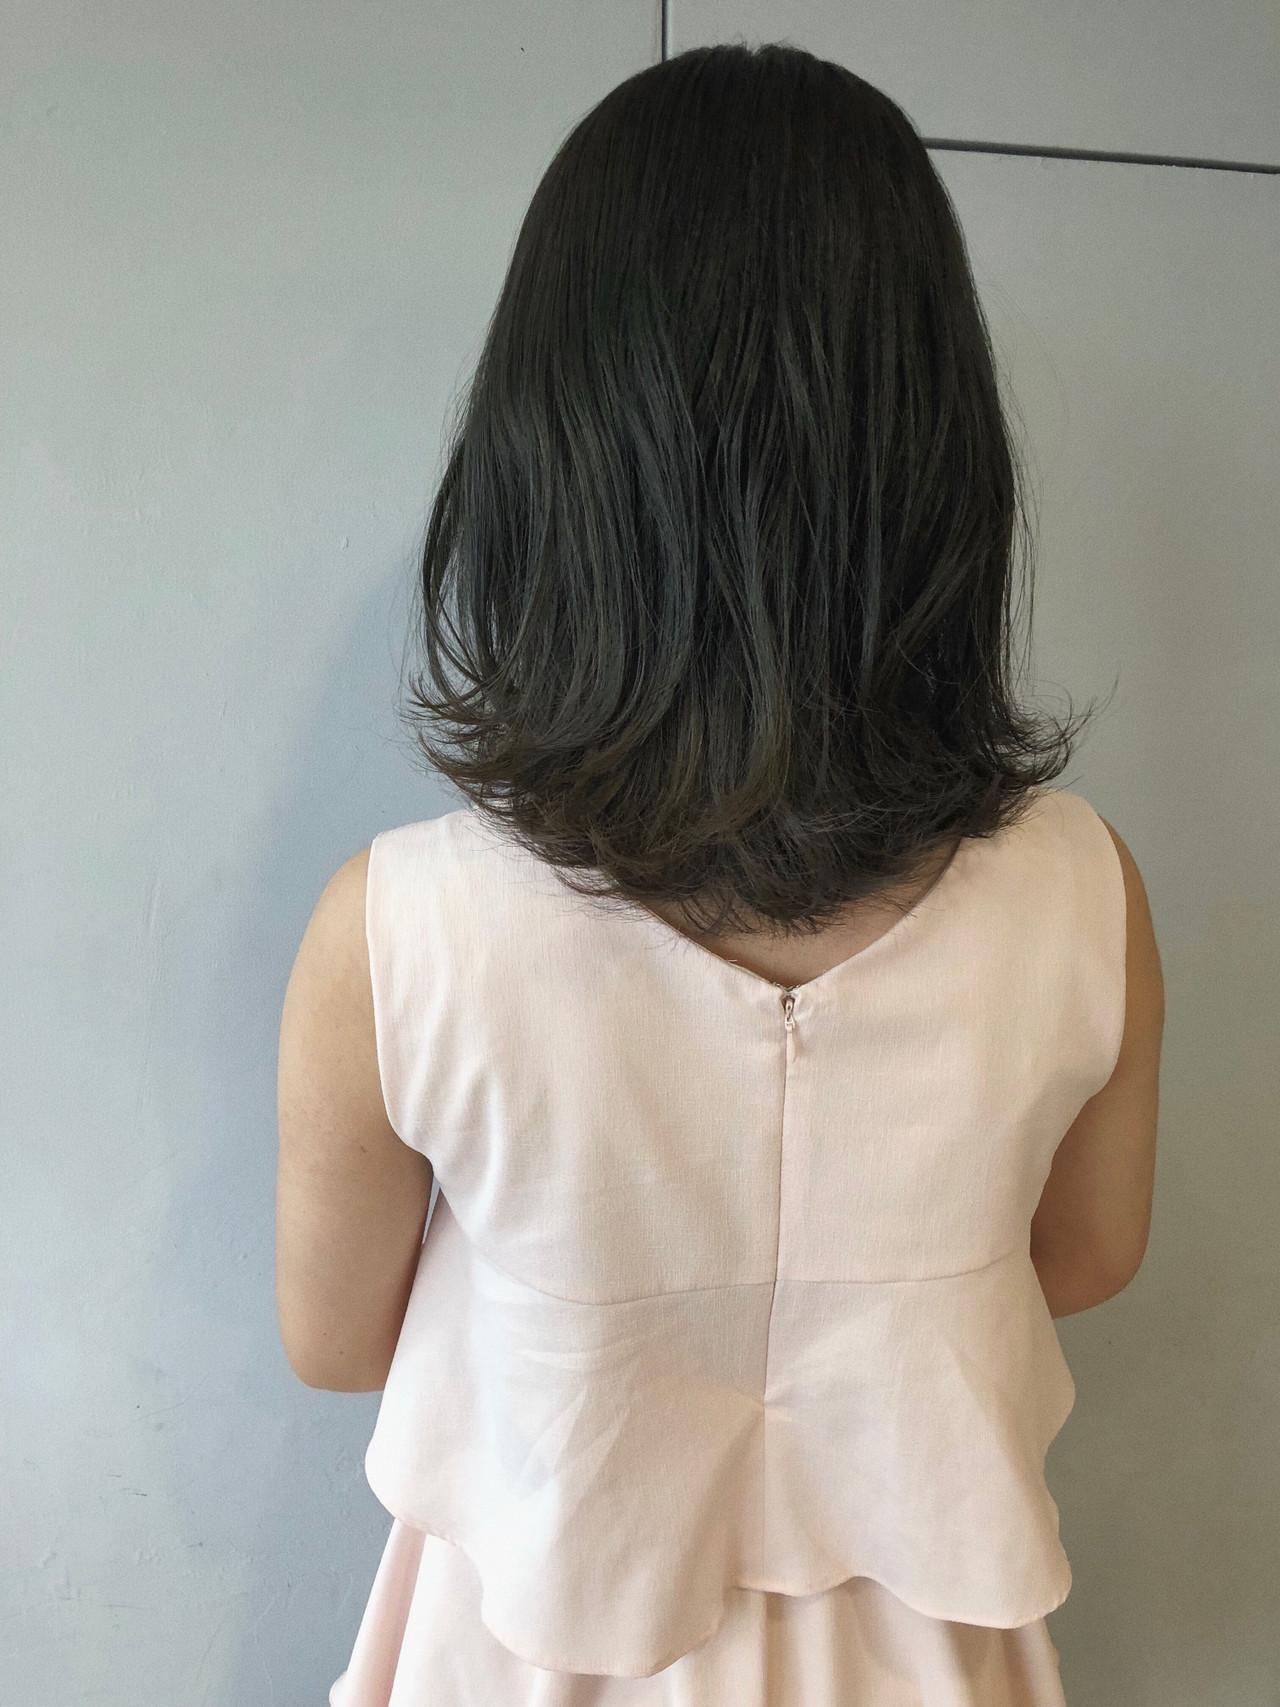 ブルーアッシュ ミディアム デート 暗髪 ヘアスタイルや髪型の写真・画像 | koki / LAND